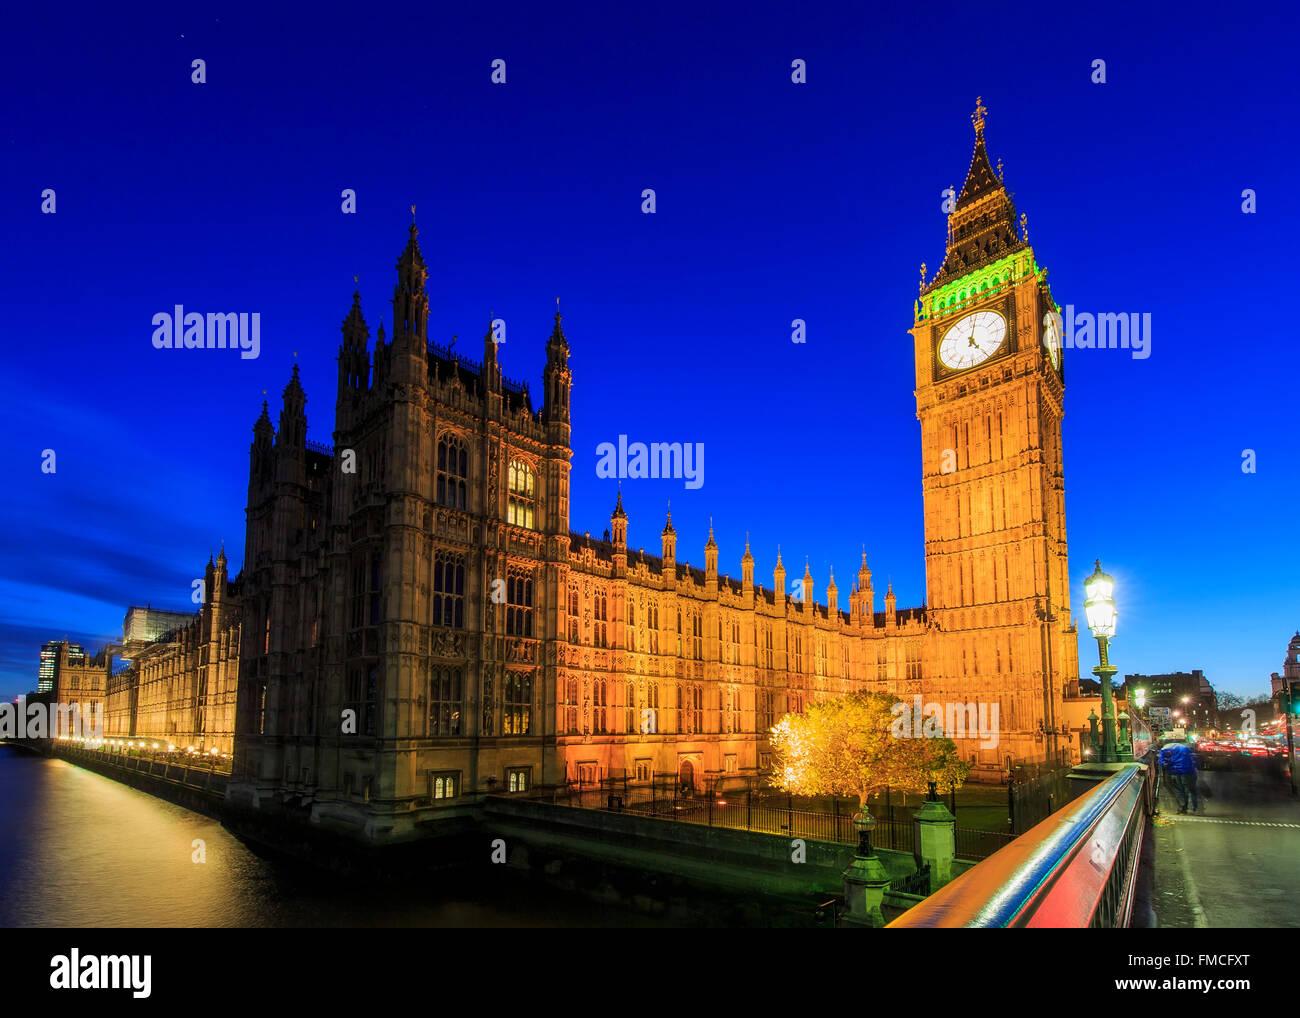 Reisen in der berühmten Big Ben, London, Vereinigtes Königreich rund um twilight Stockbild